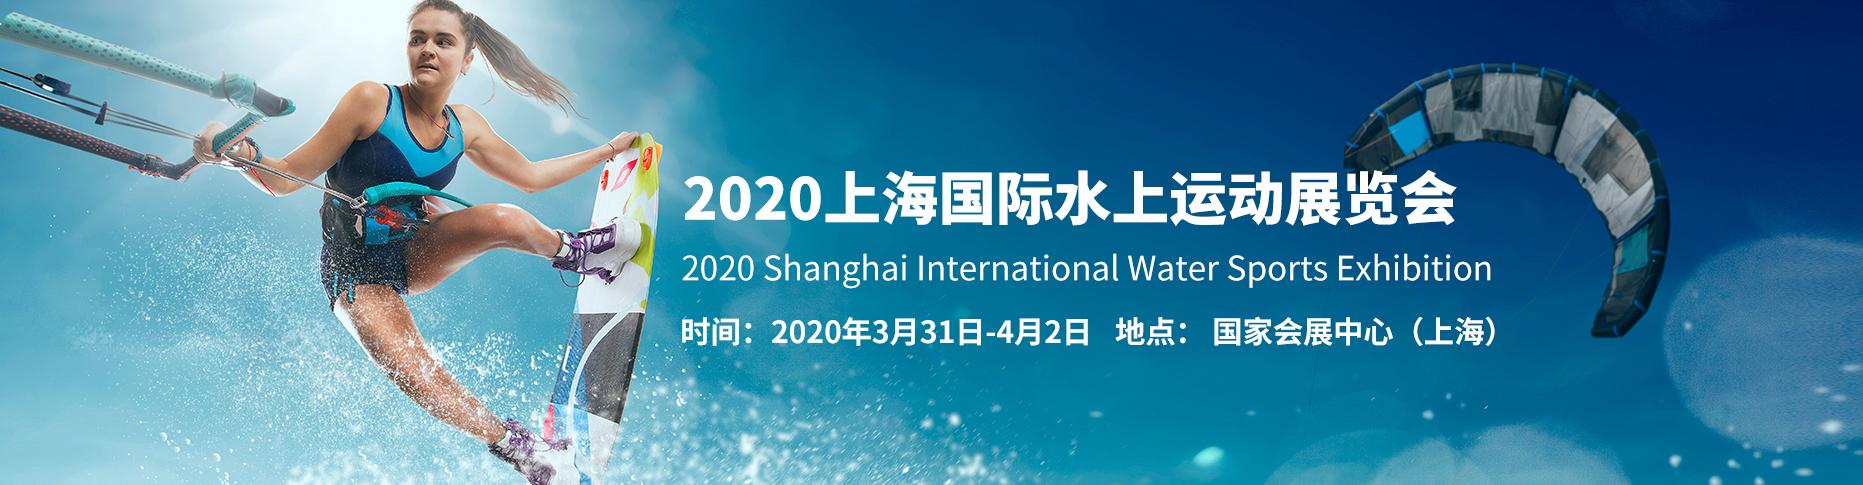 2020年上海国际水上运动展览会